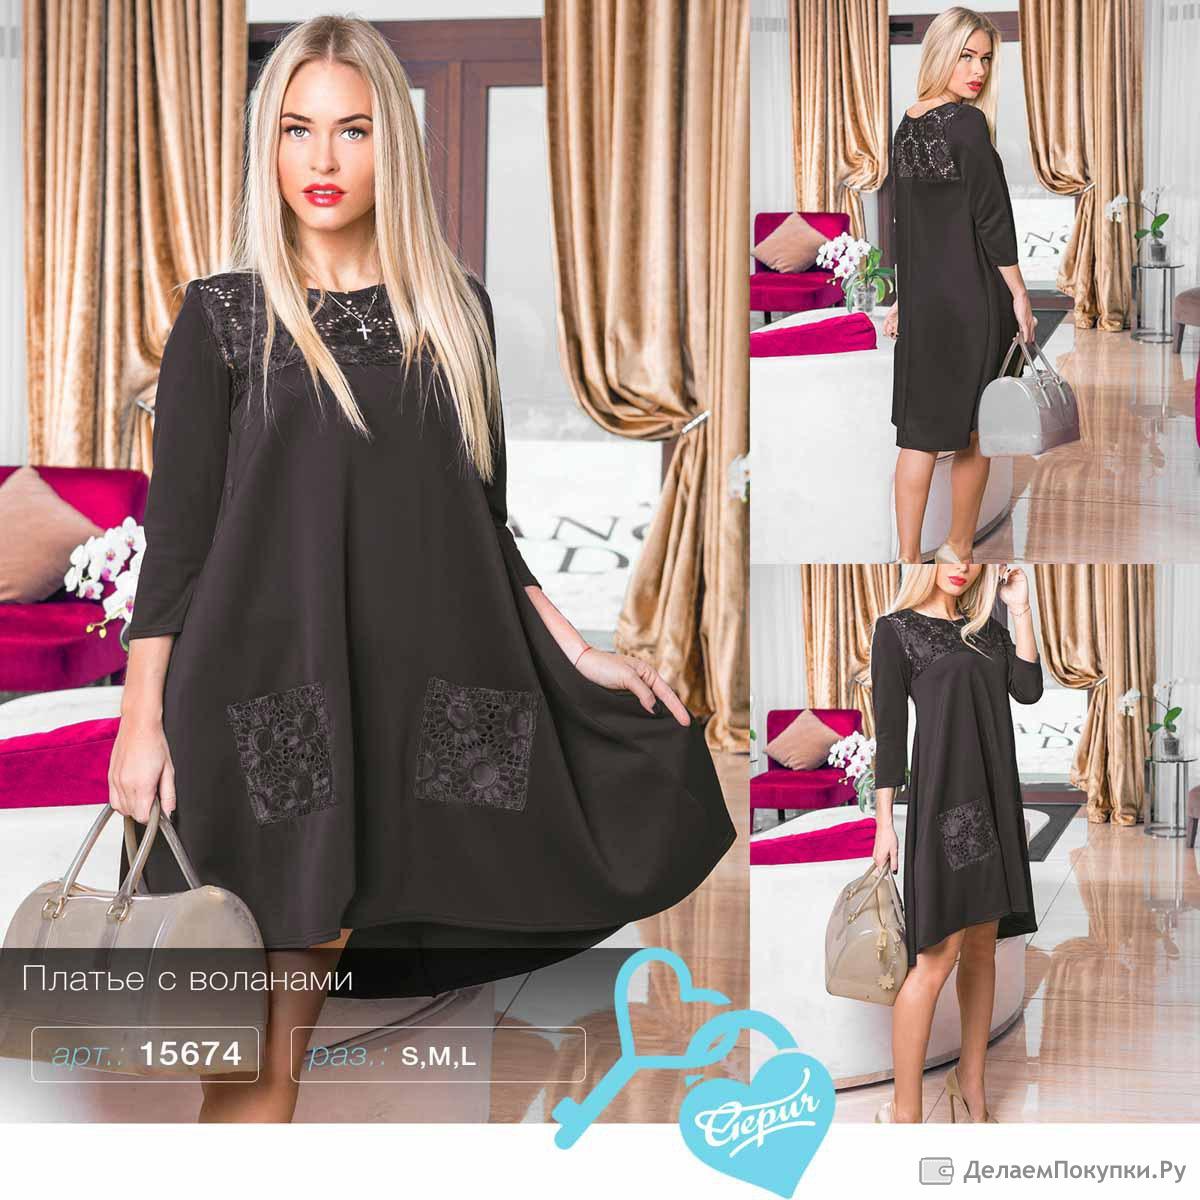 Простейшие Простейшие Платье трапеция Как соединять крестики в вышивке